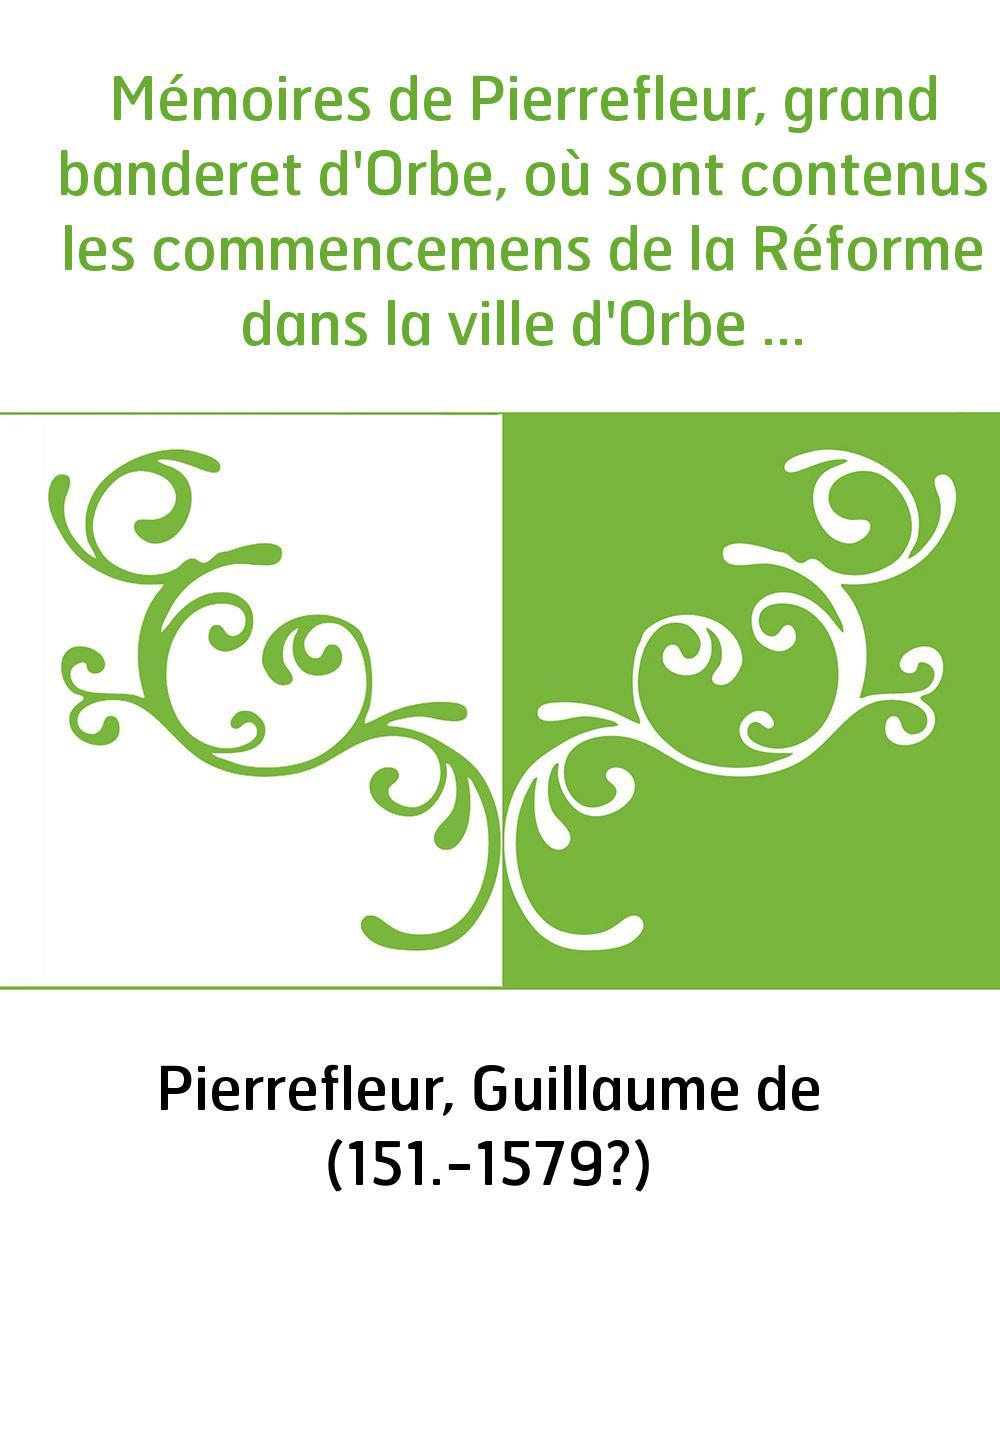 Mémoires de Pierrefleur, grand banderet d'Orbe, où sont contenus les commencemens de la Réforme dans la ville d'Orbe et au pays